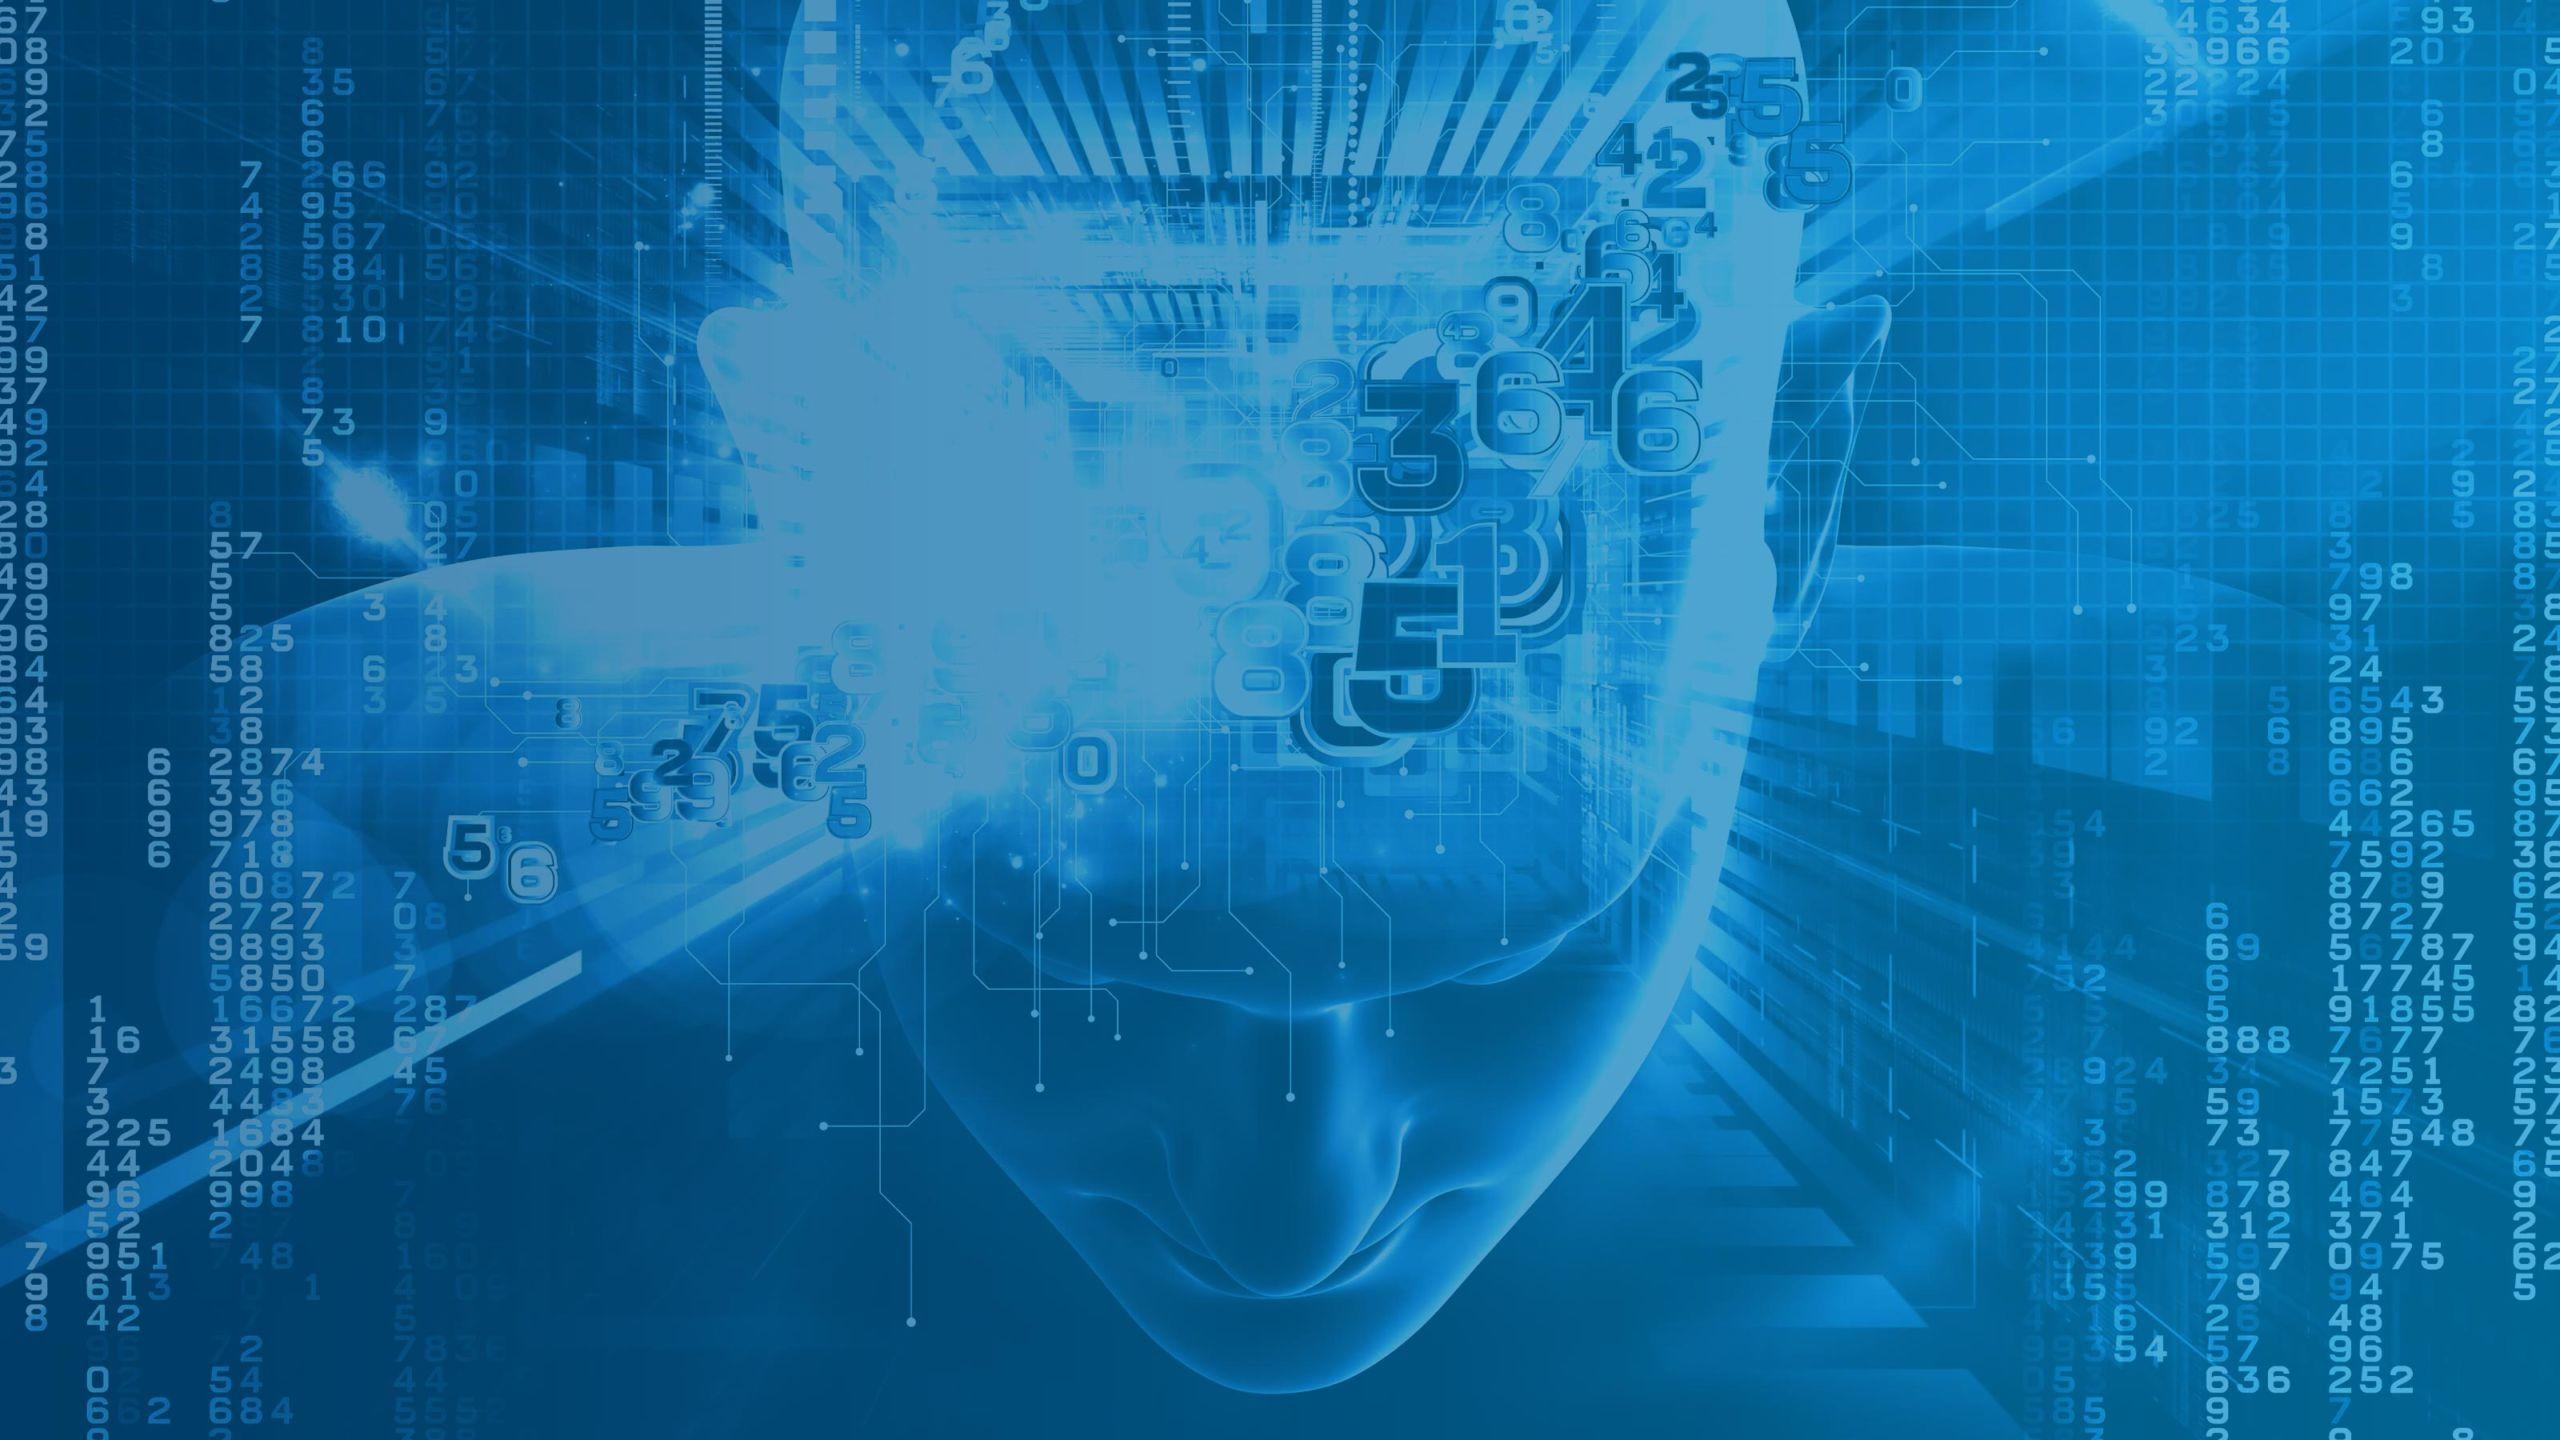 Neden insanlar ve yapay zeka sahte haberlere karşı çıkmaza giriyor?